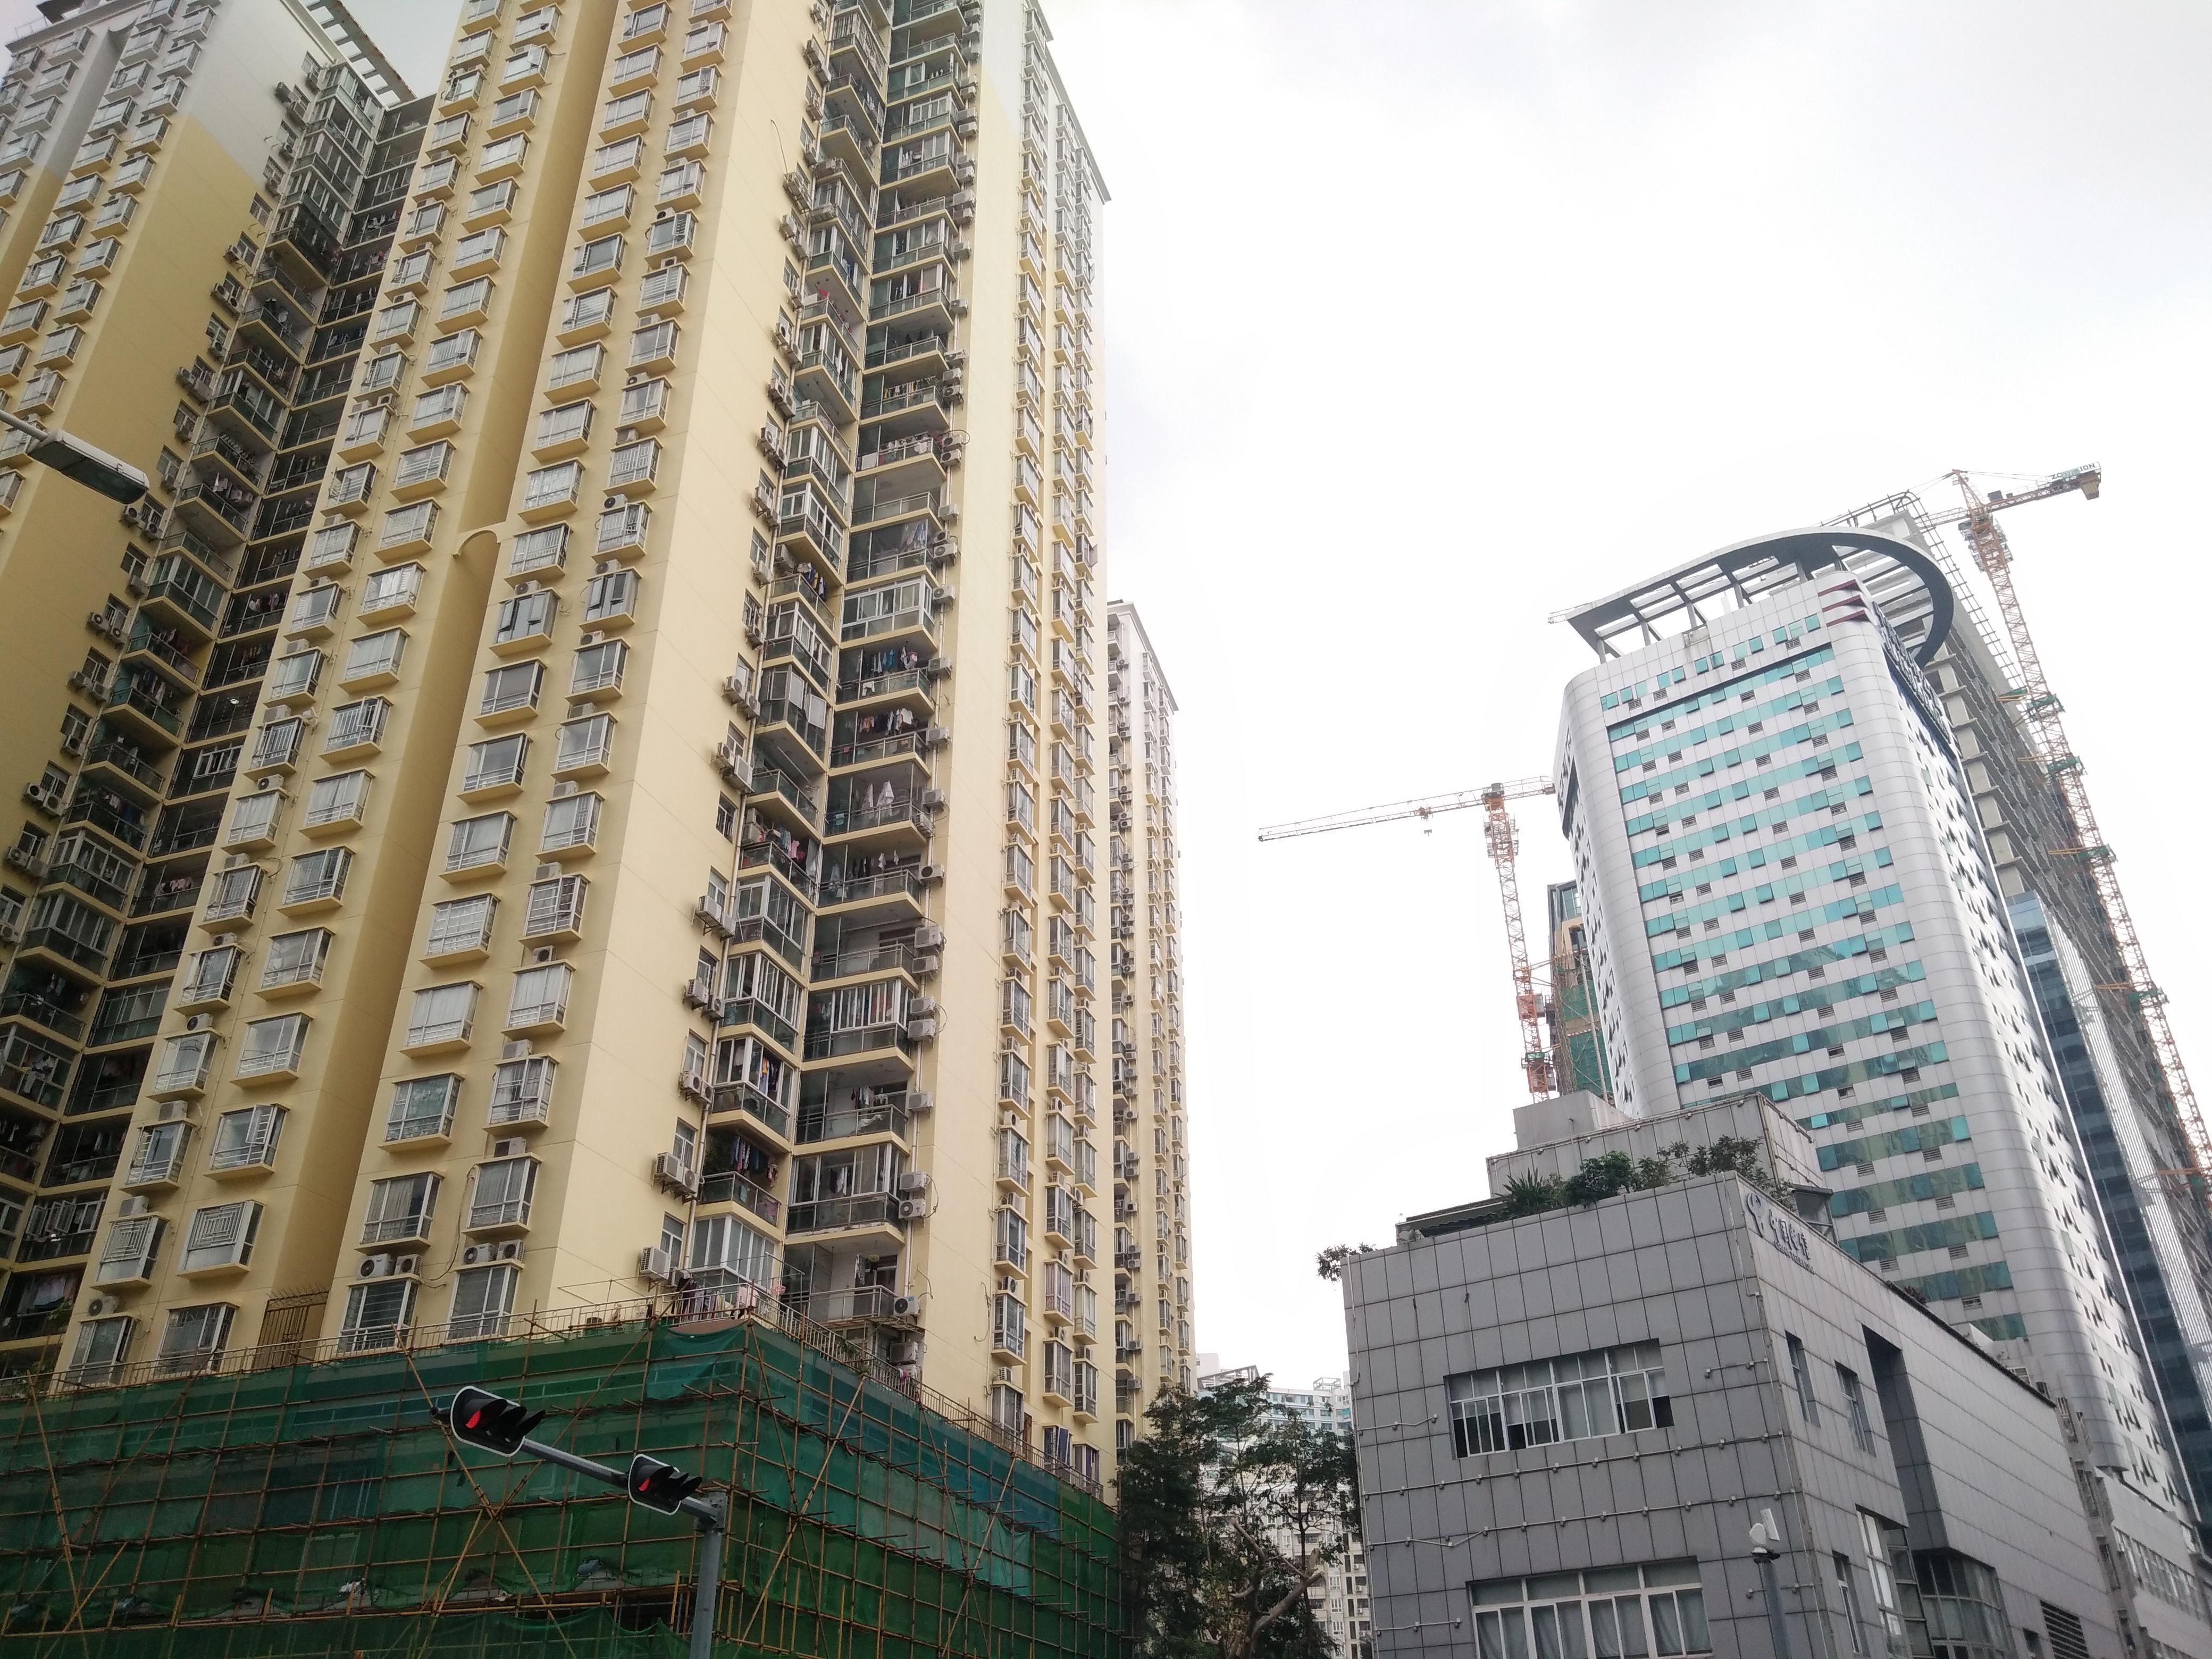 粤长租公寓房源明年将超70万套